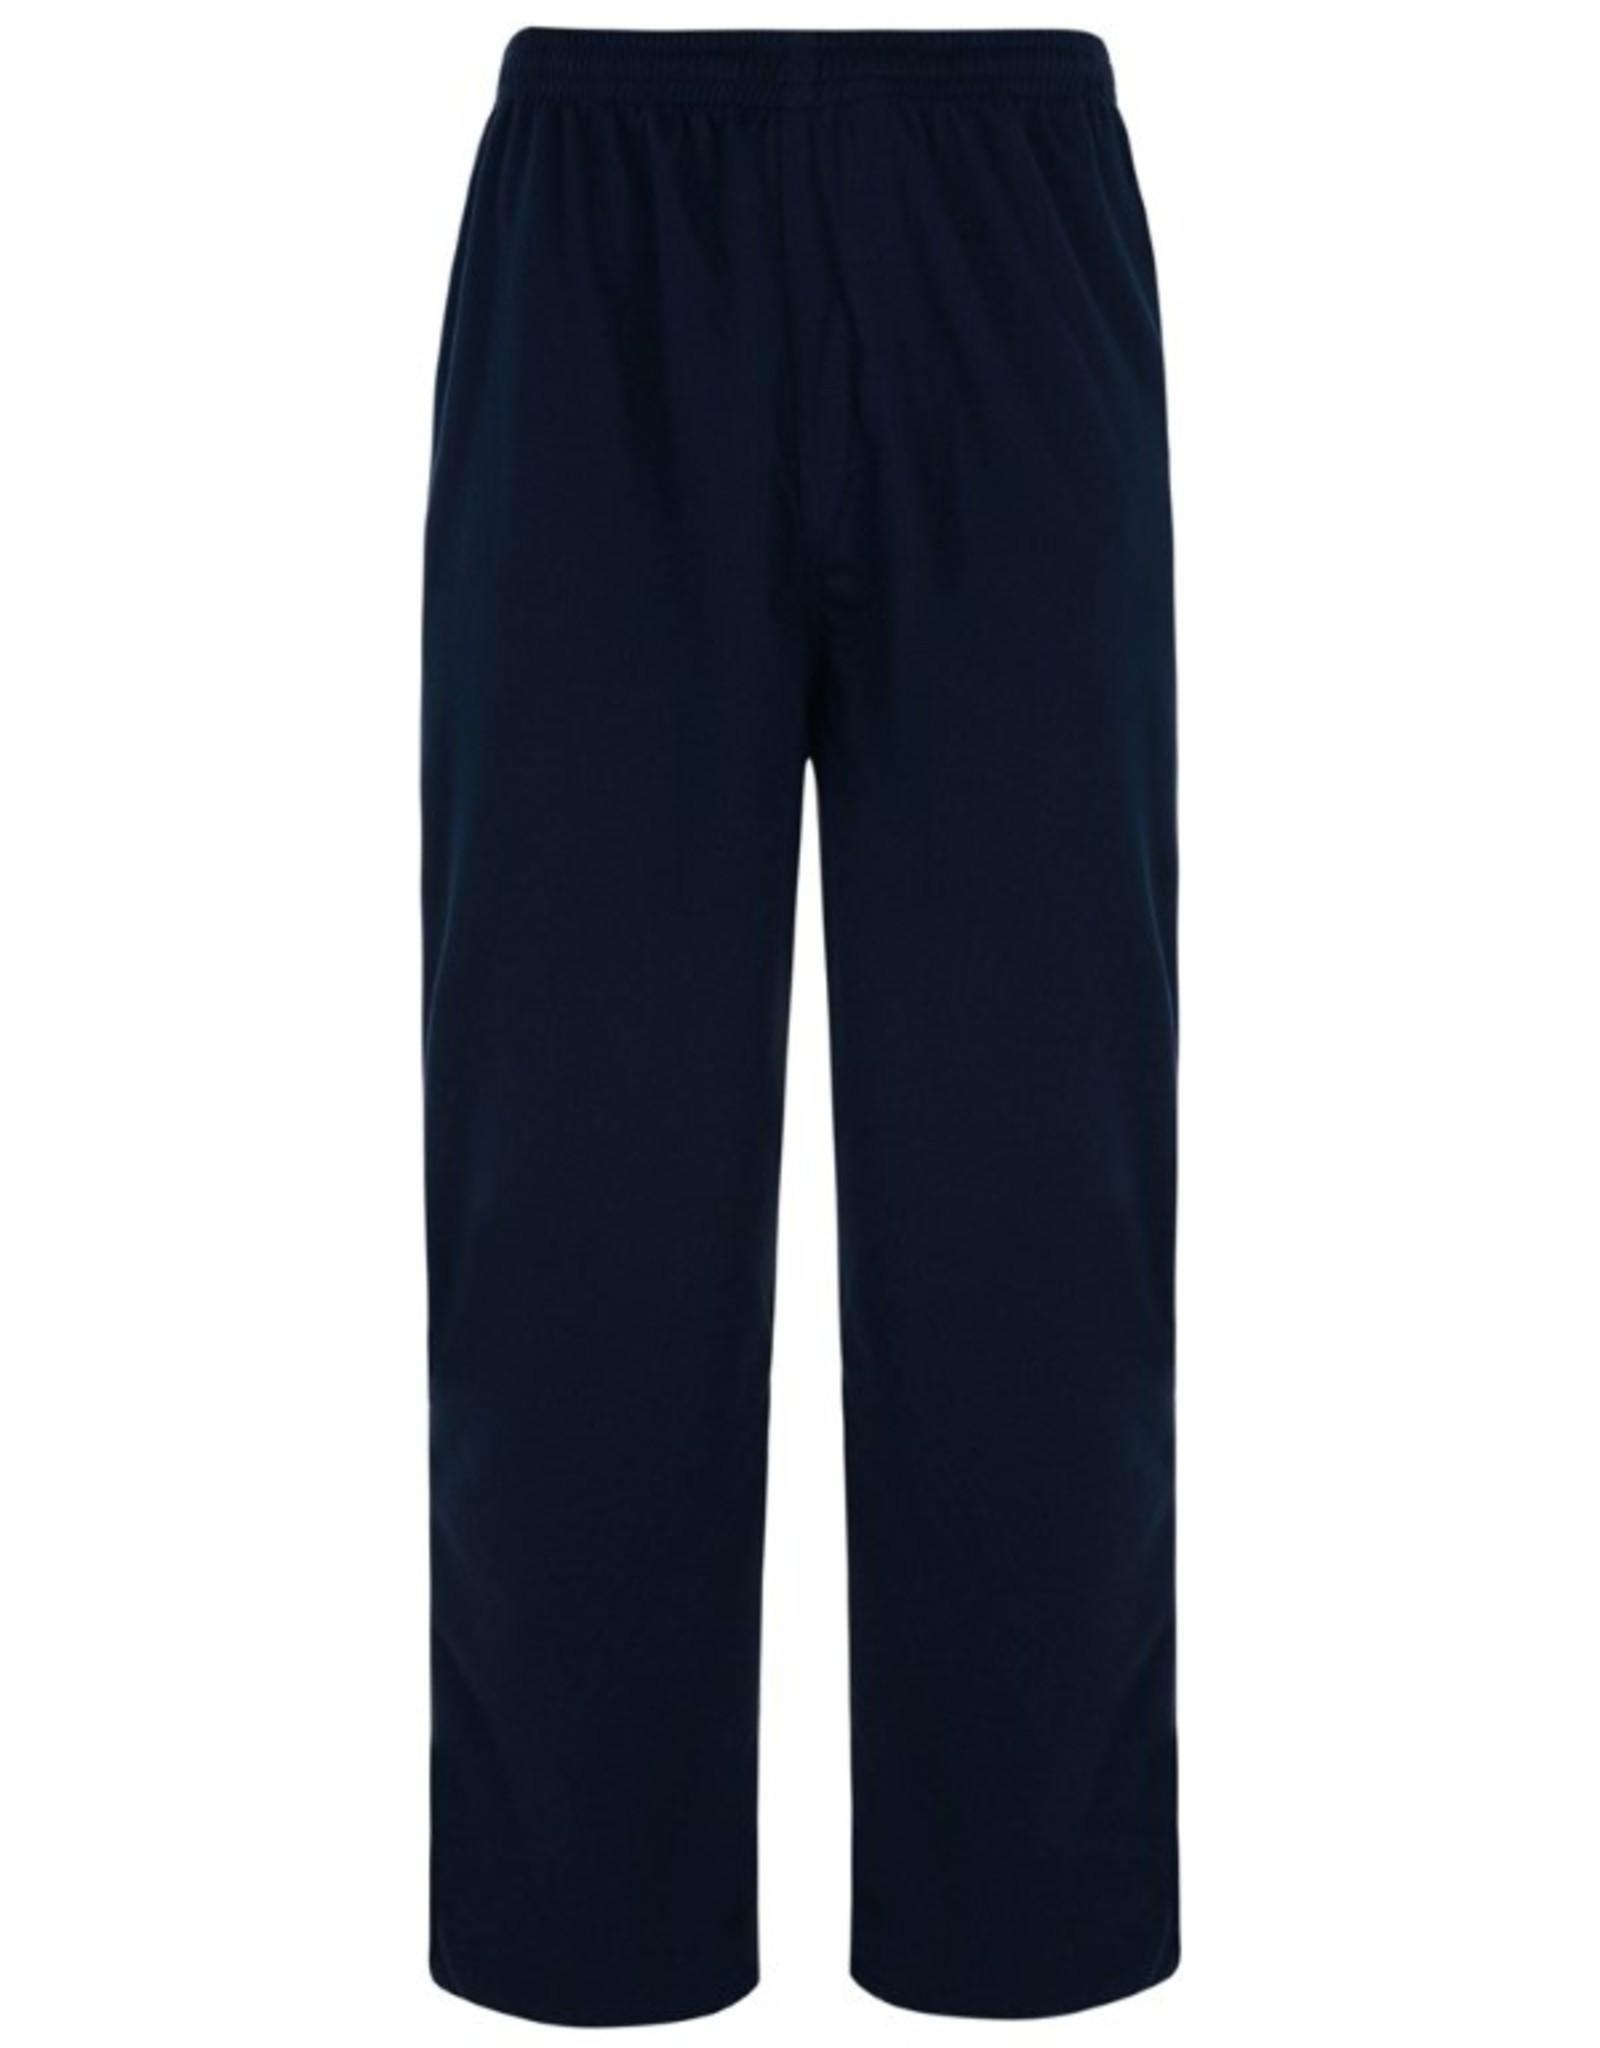 Kam Jeans JOGGING / VRIJETIJDS BROEK zwart